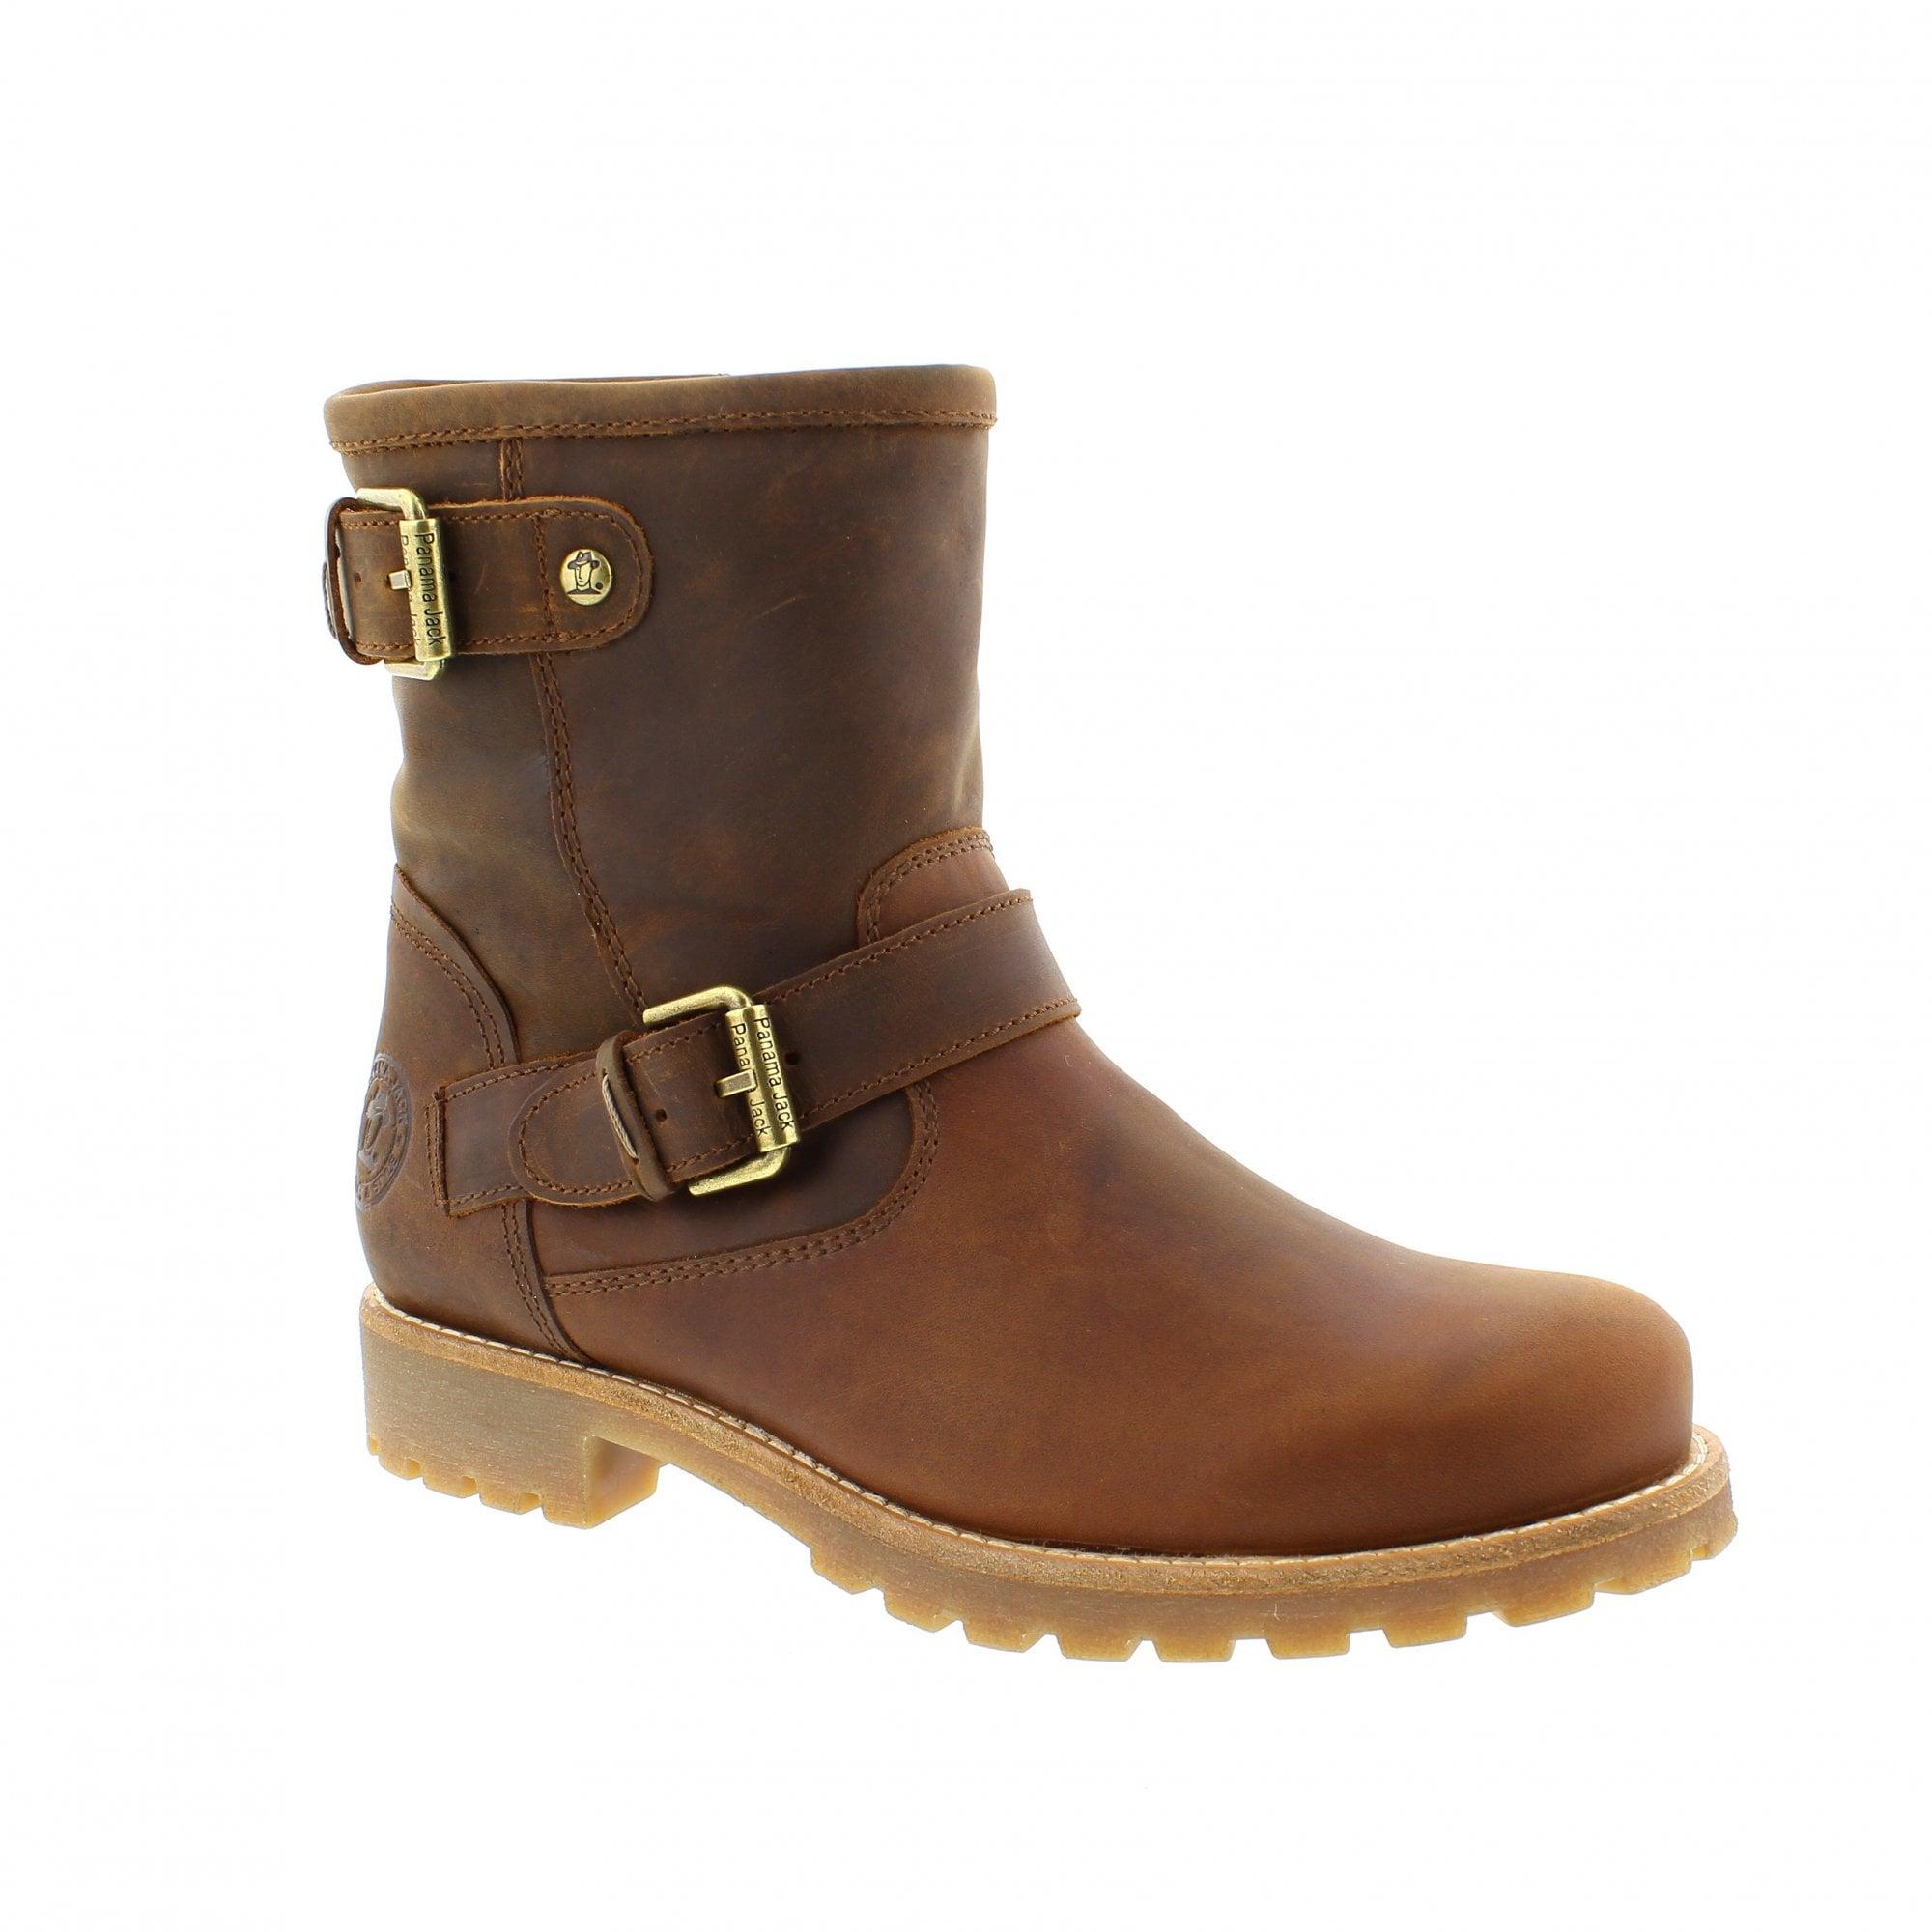 363a63415b93b8 Panama Jack Felina B5 Womens Ankle Boots